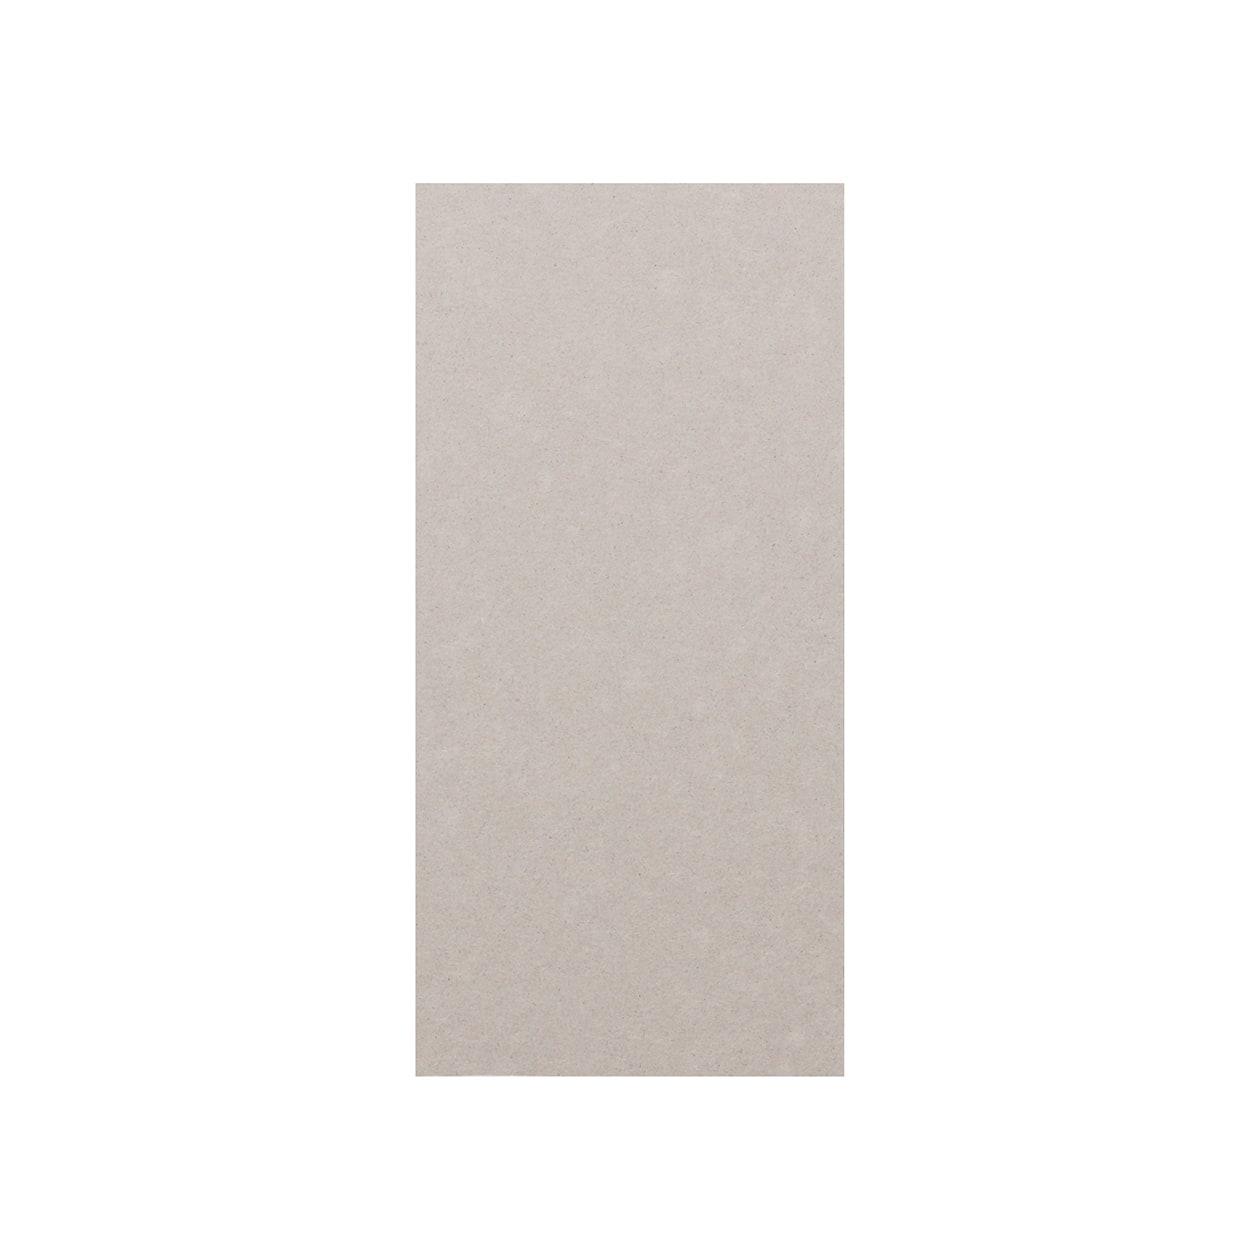 サンプル カード・シート 00281